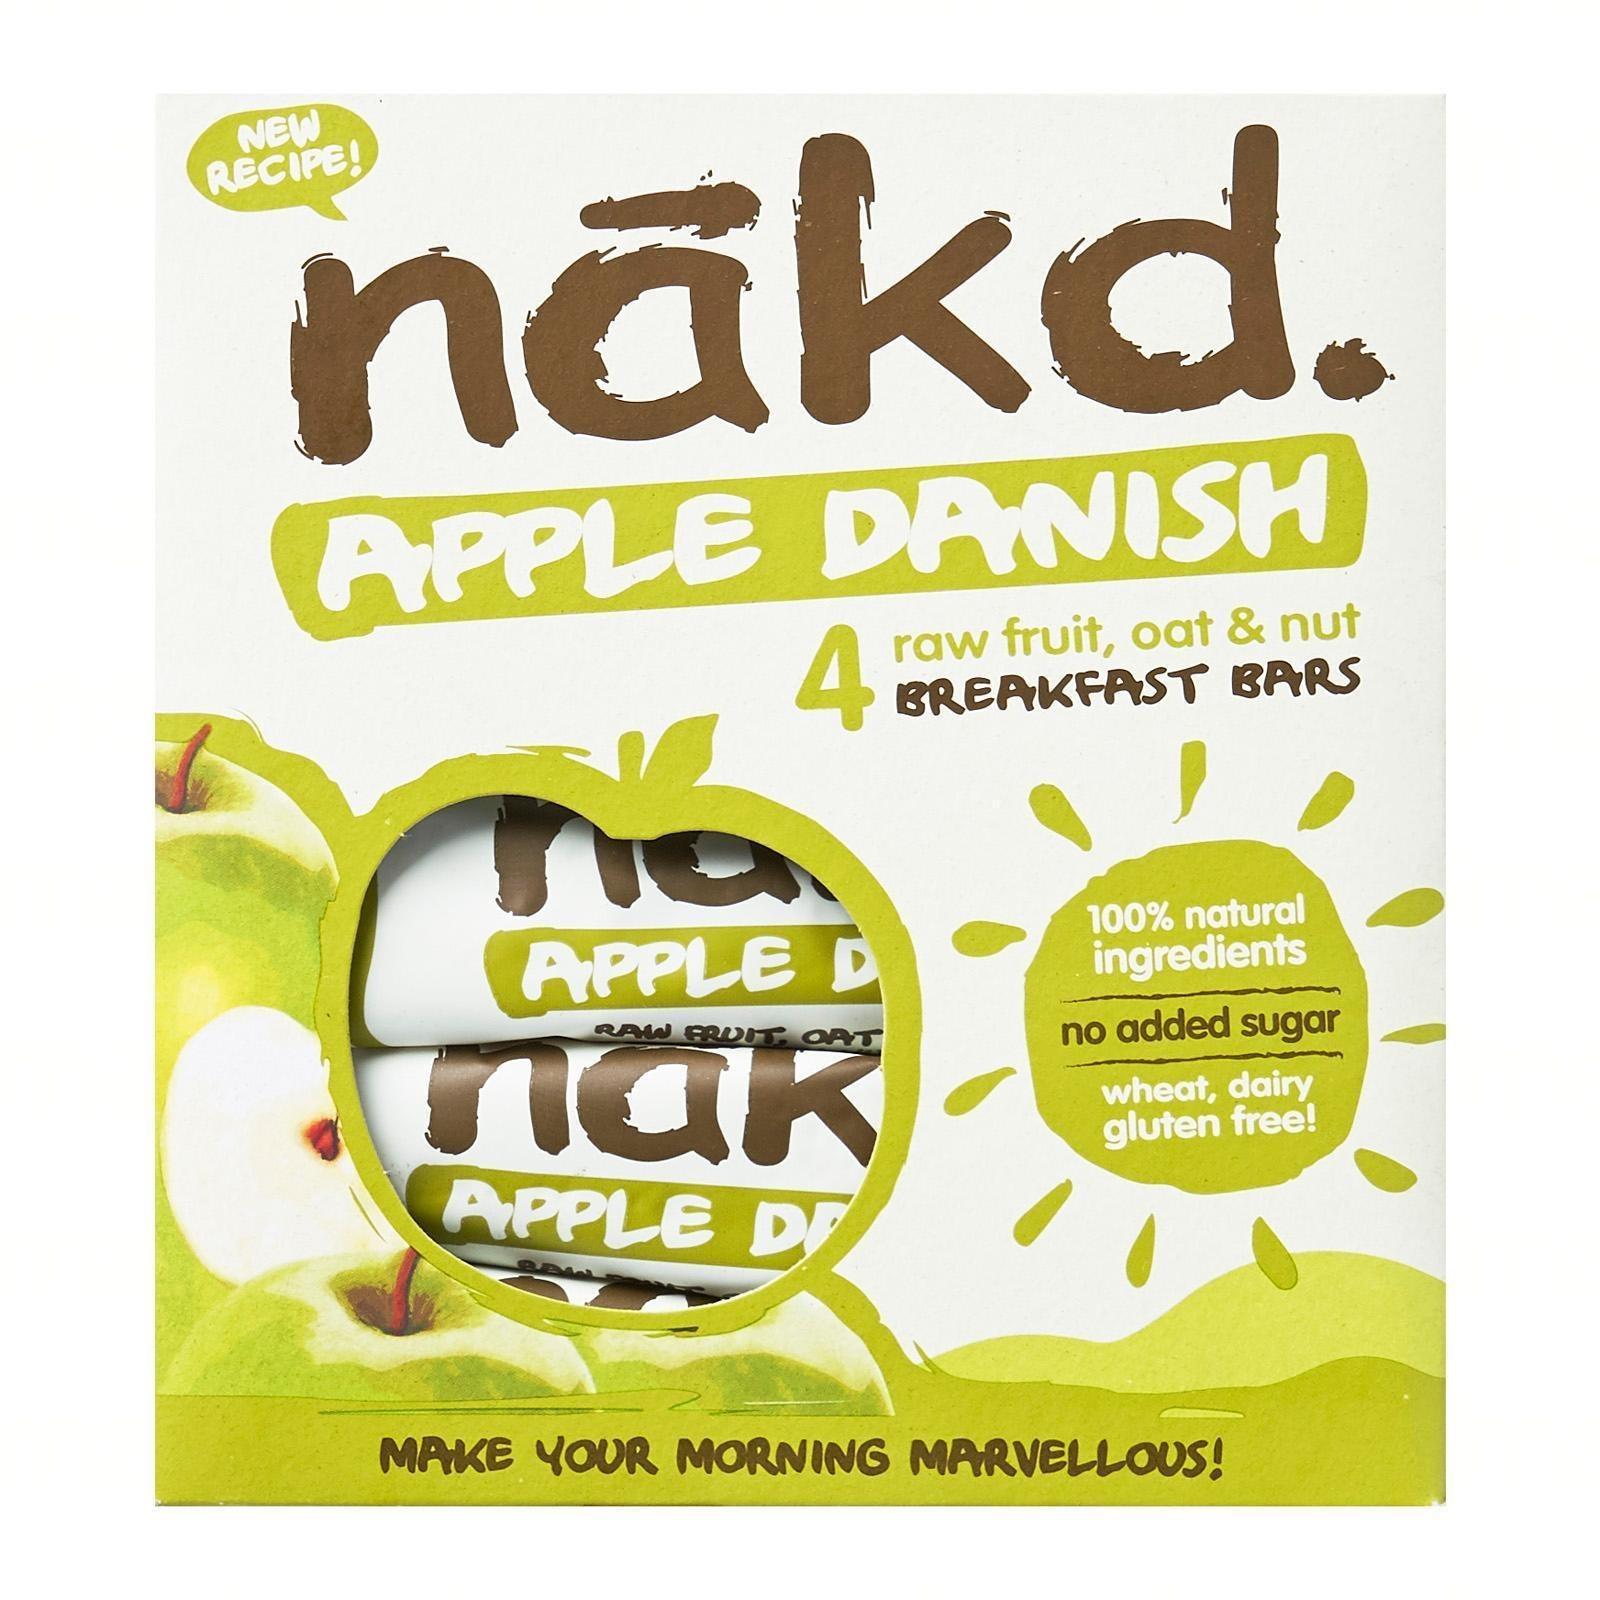 NAKD Apple Danish Bars